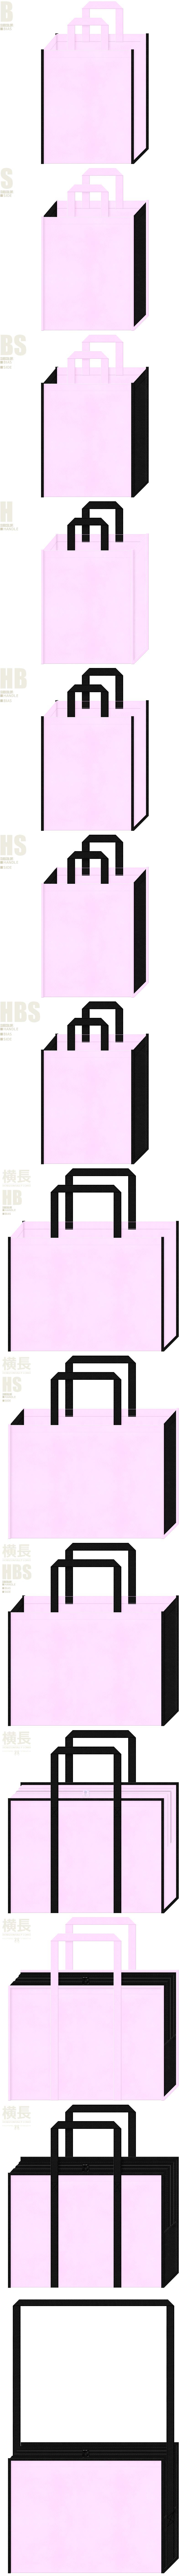 明るめのピンク色と黒色、7パターンの不織布トートバッグ配色デザイン例。ゴスロリイメージの不織布バッグにお奨めです。